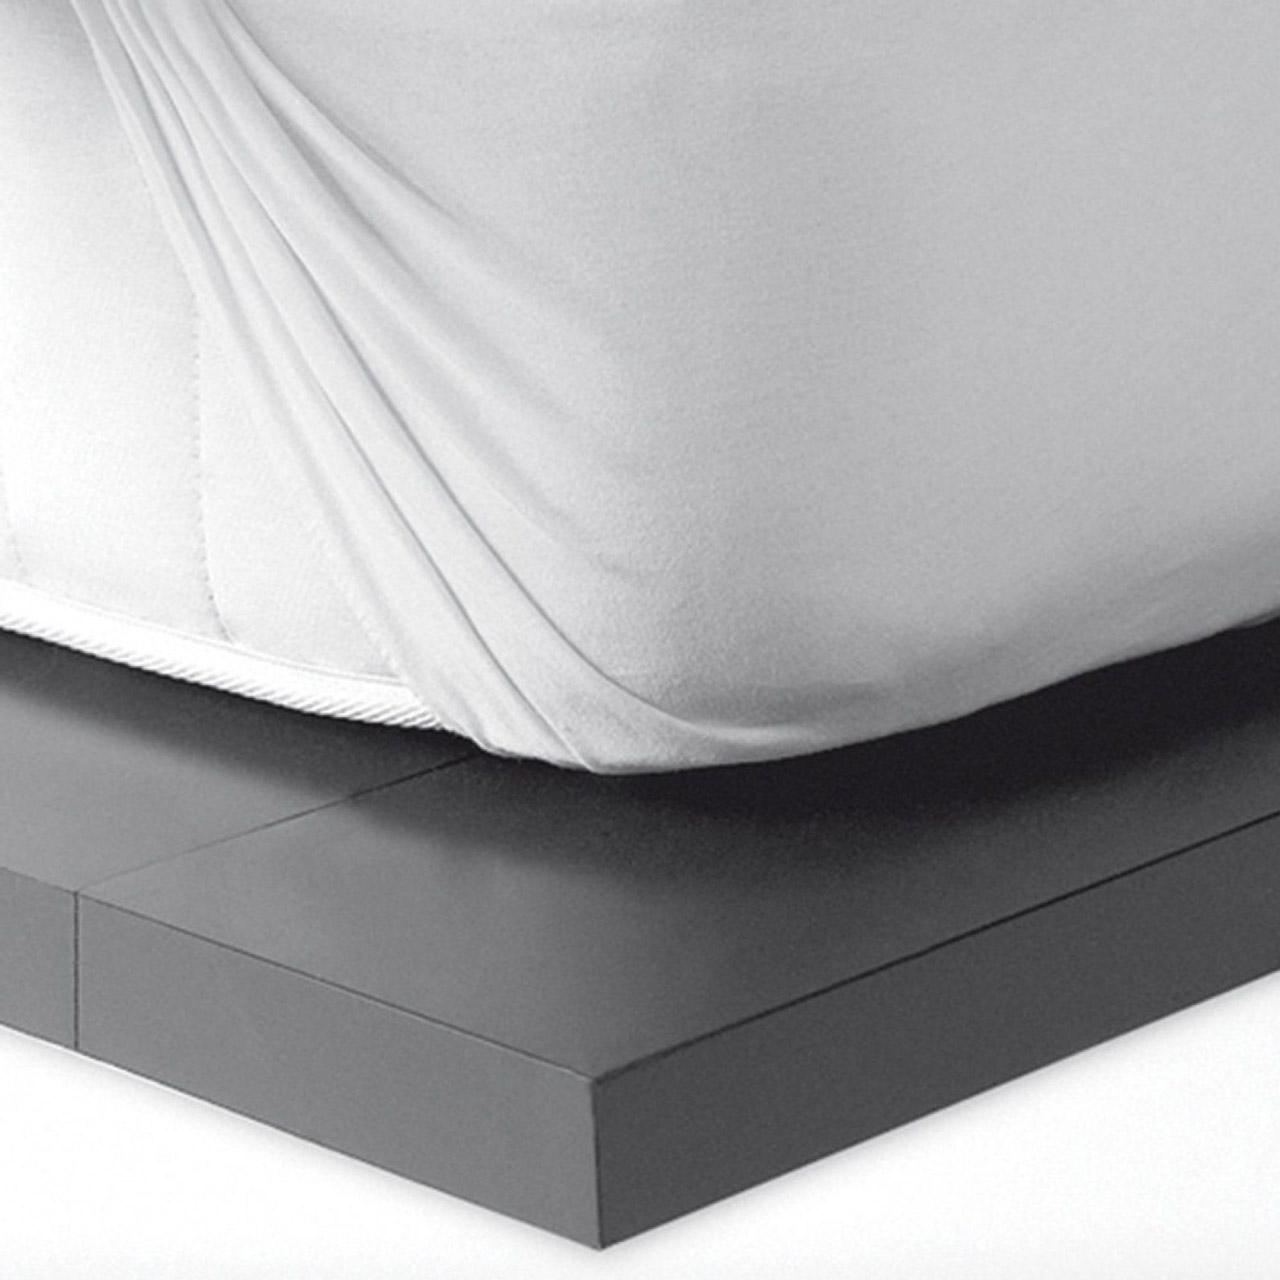 Αδιάβροχο Επιστρώμα Ημίδιπλο 130X200 Kentia Αccesories Cotton Cover130 Λευκό